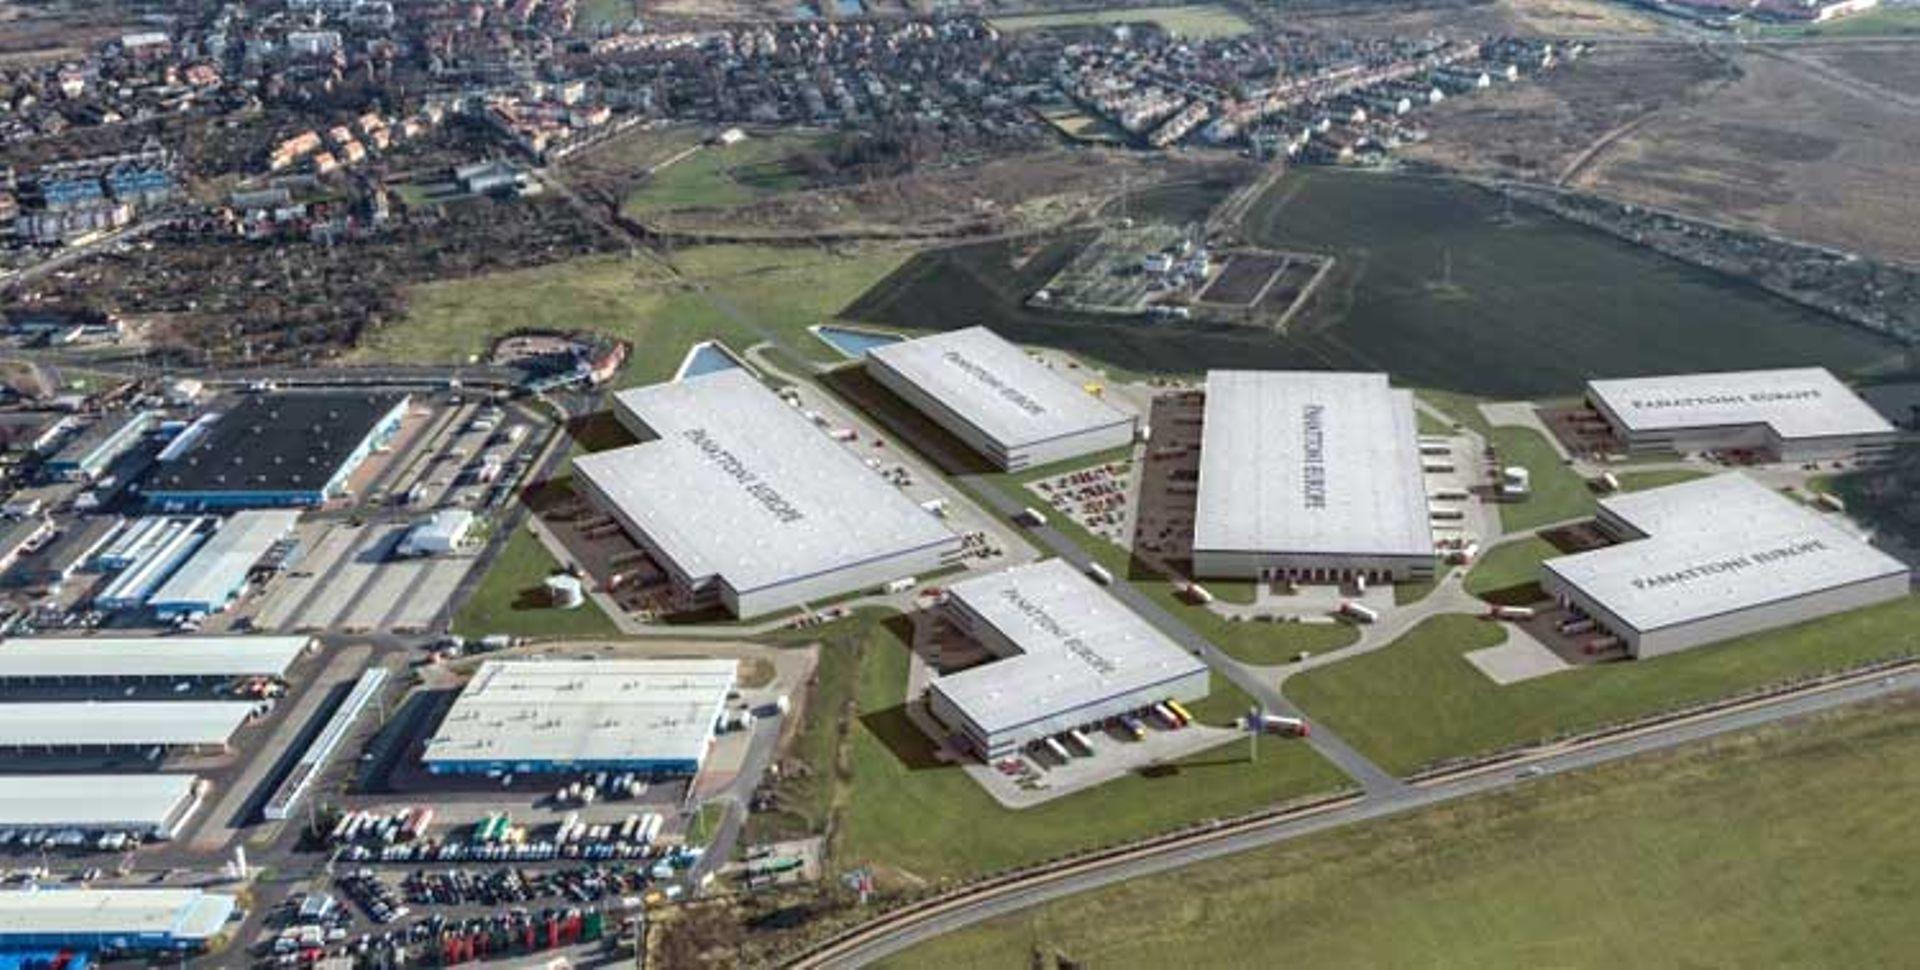 Producent maseczek medycznych zatrudni 700 osób w fabryce we Wrocławiu